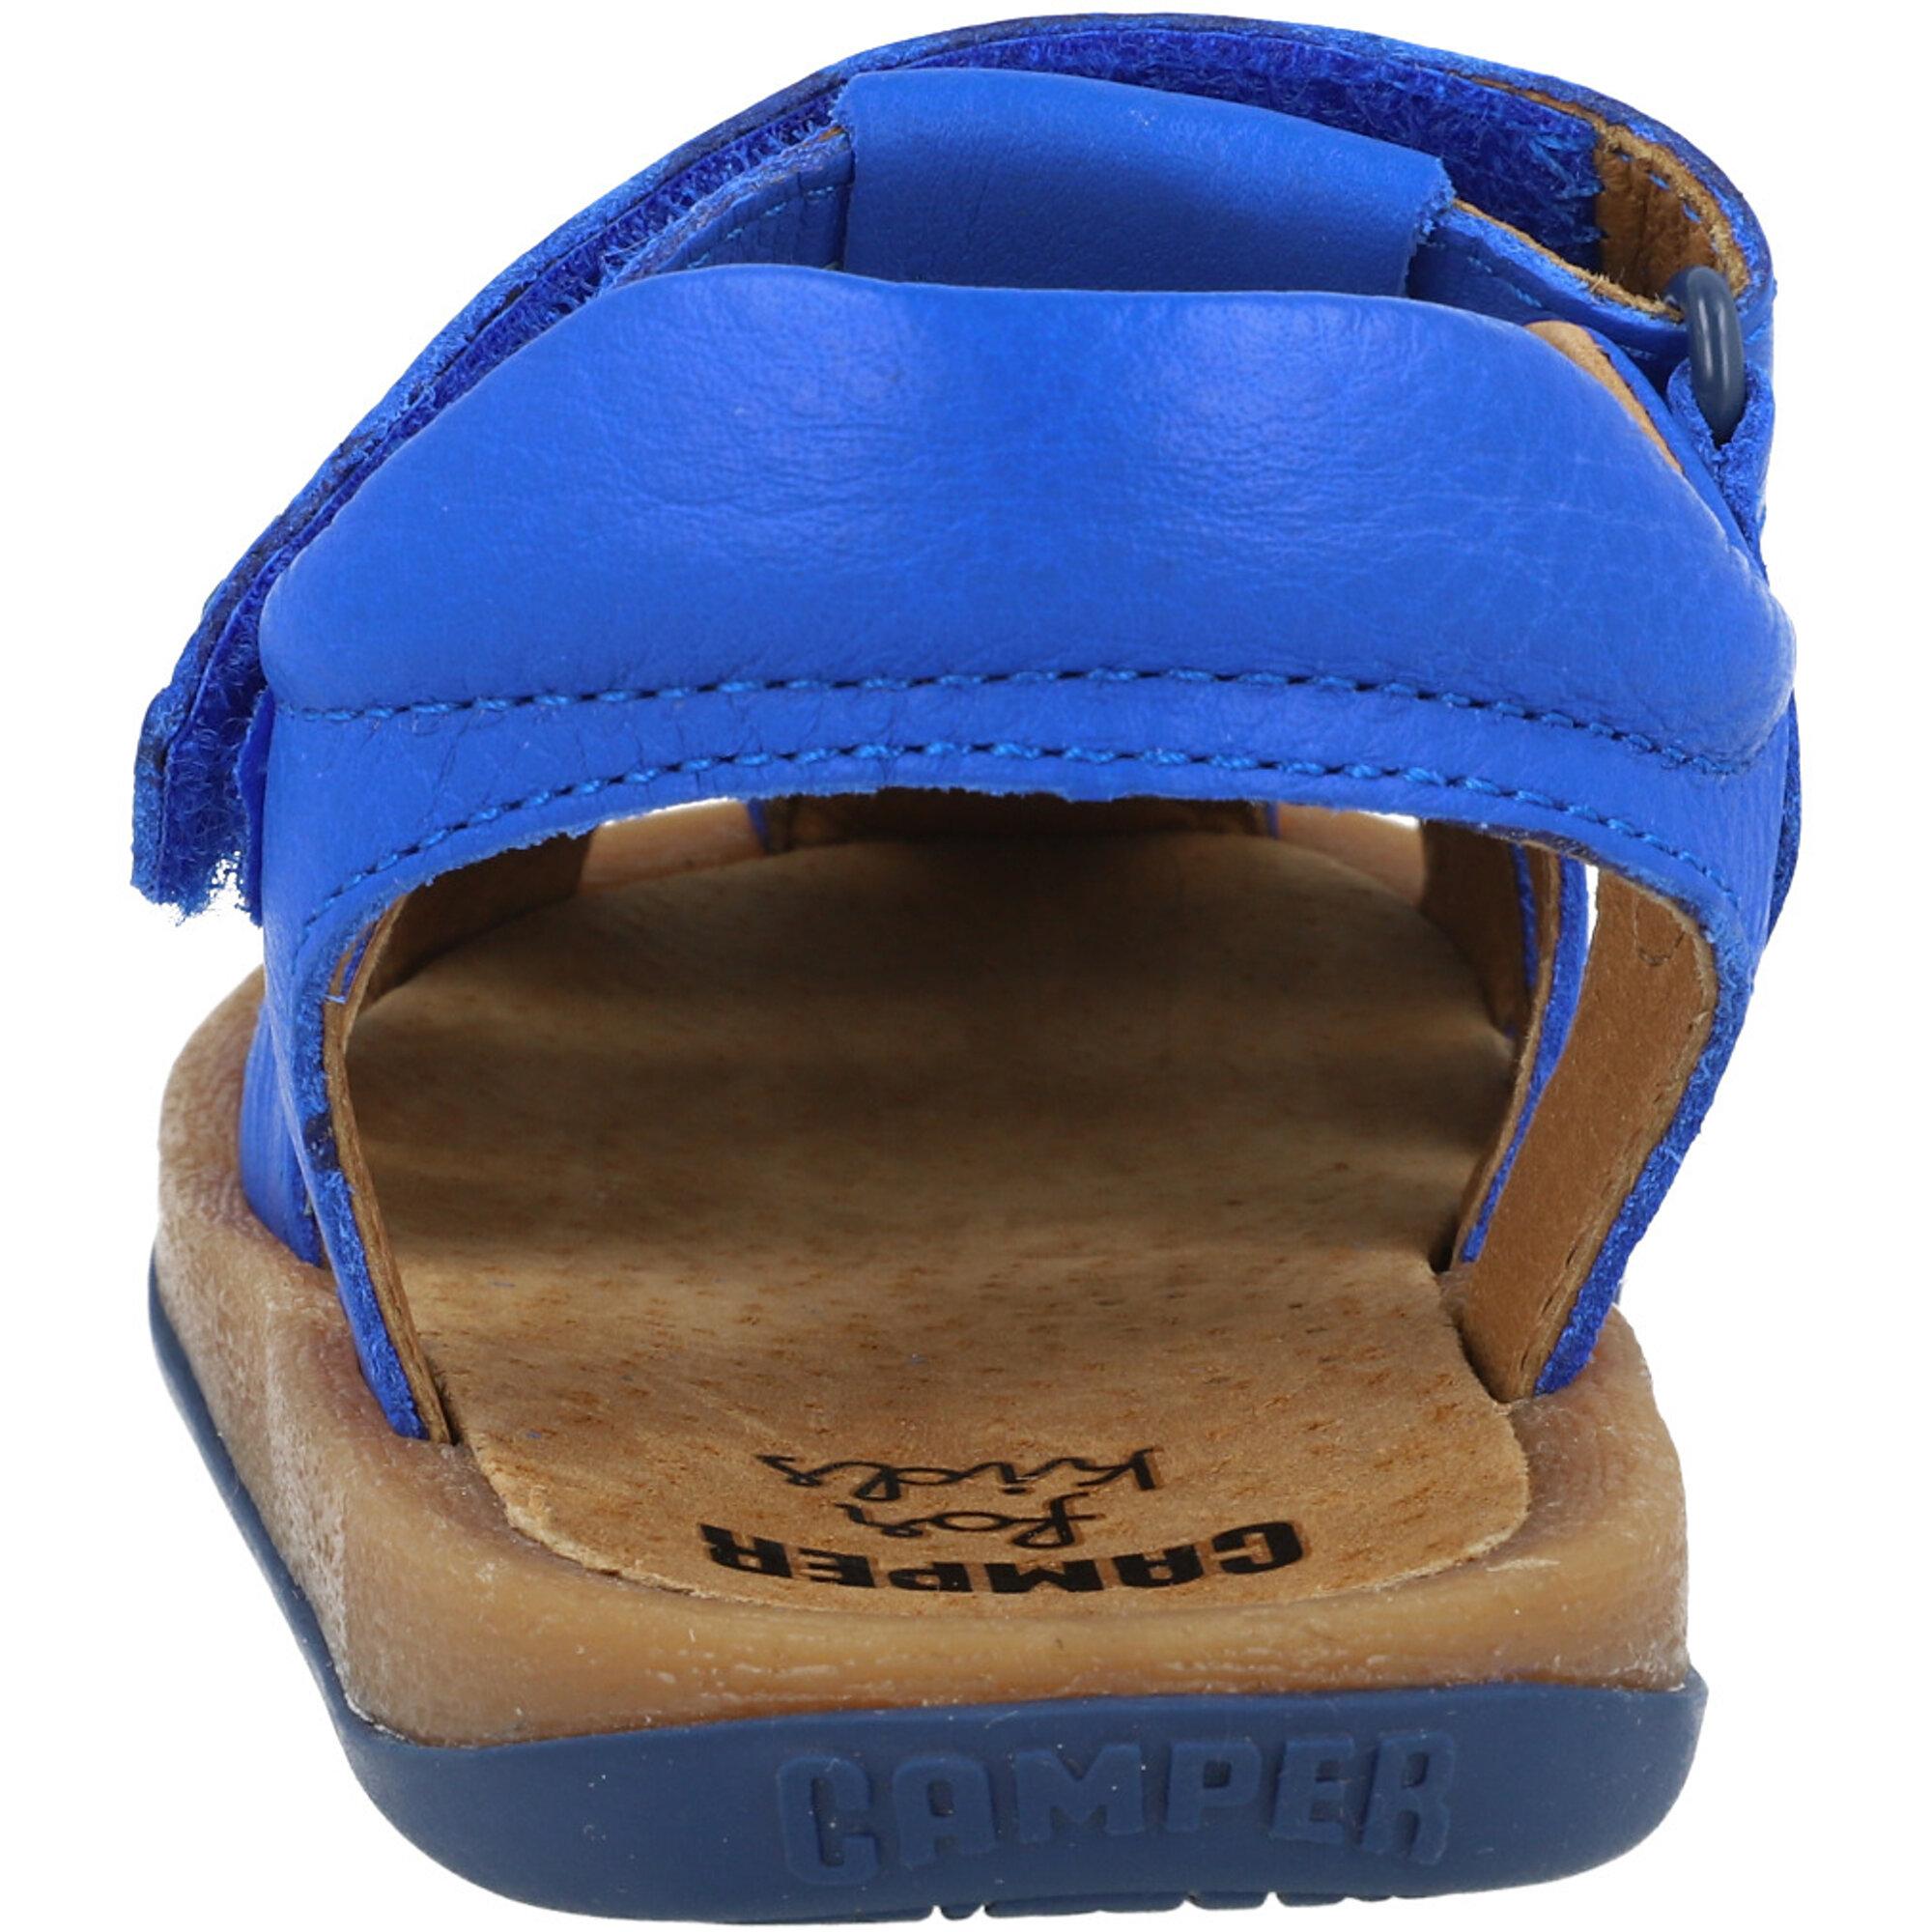 Camper Kids Bicho Medium Blue Leather